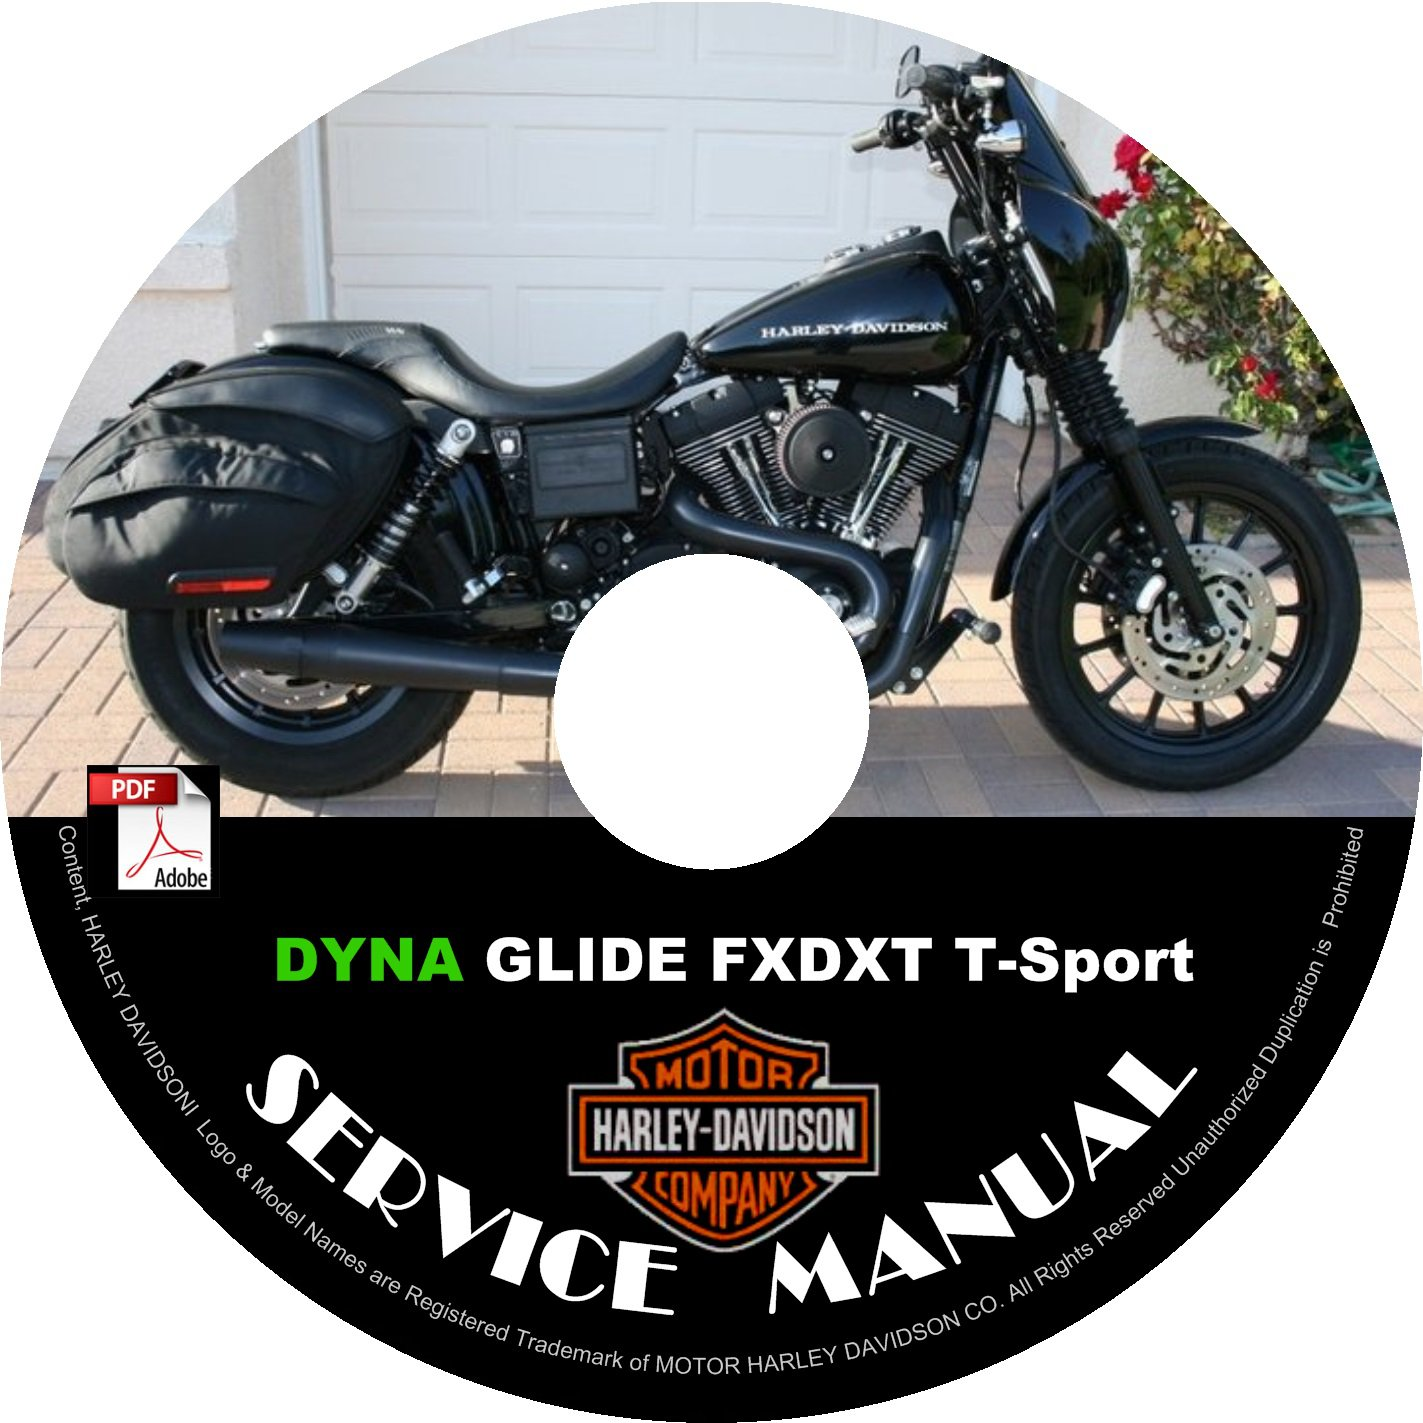 2003 Harley Davidson DYNA GLIDE FXDXT T-Sport Service Repair Shop Manual on CD Fix Rebuild Workshop